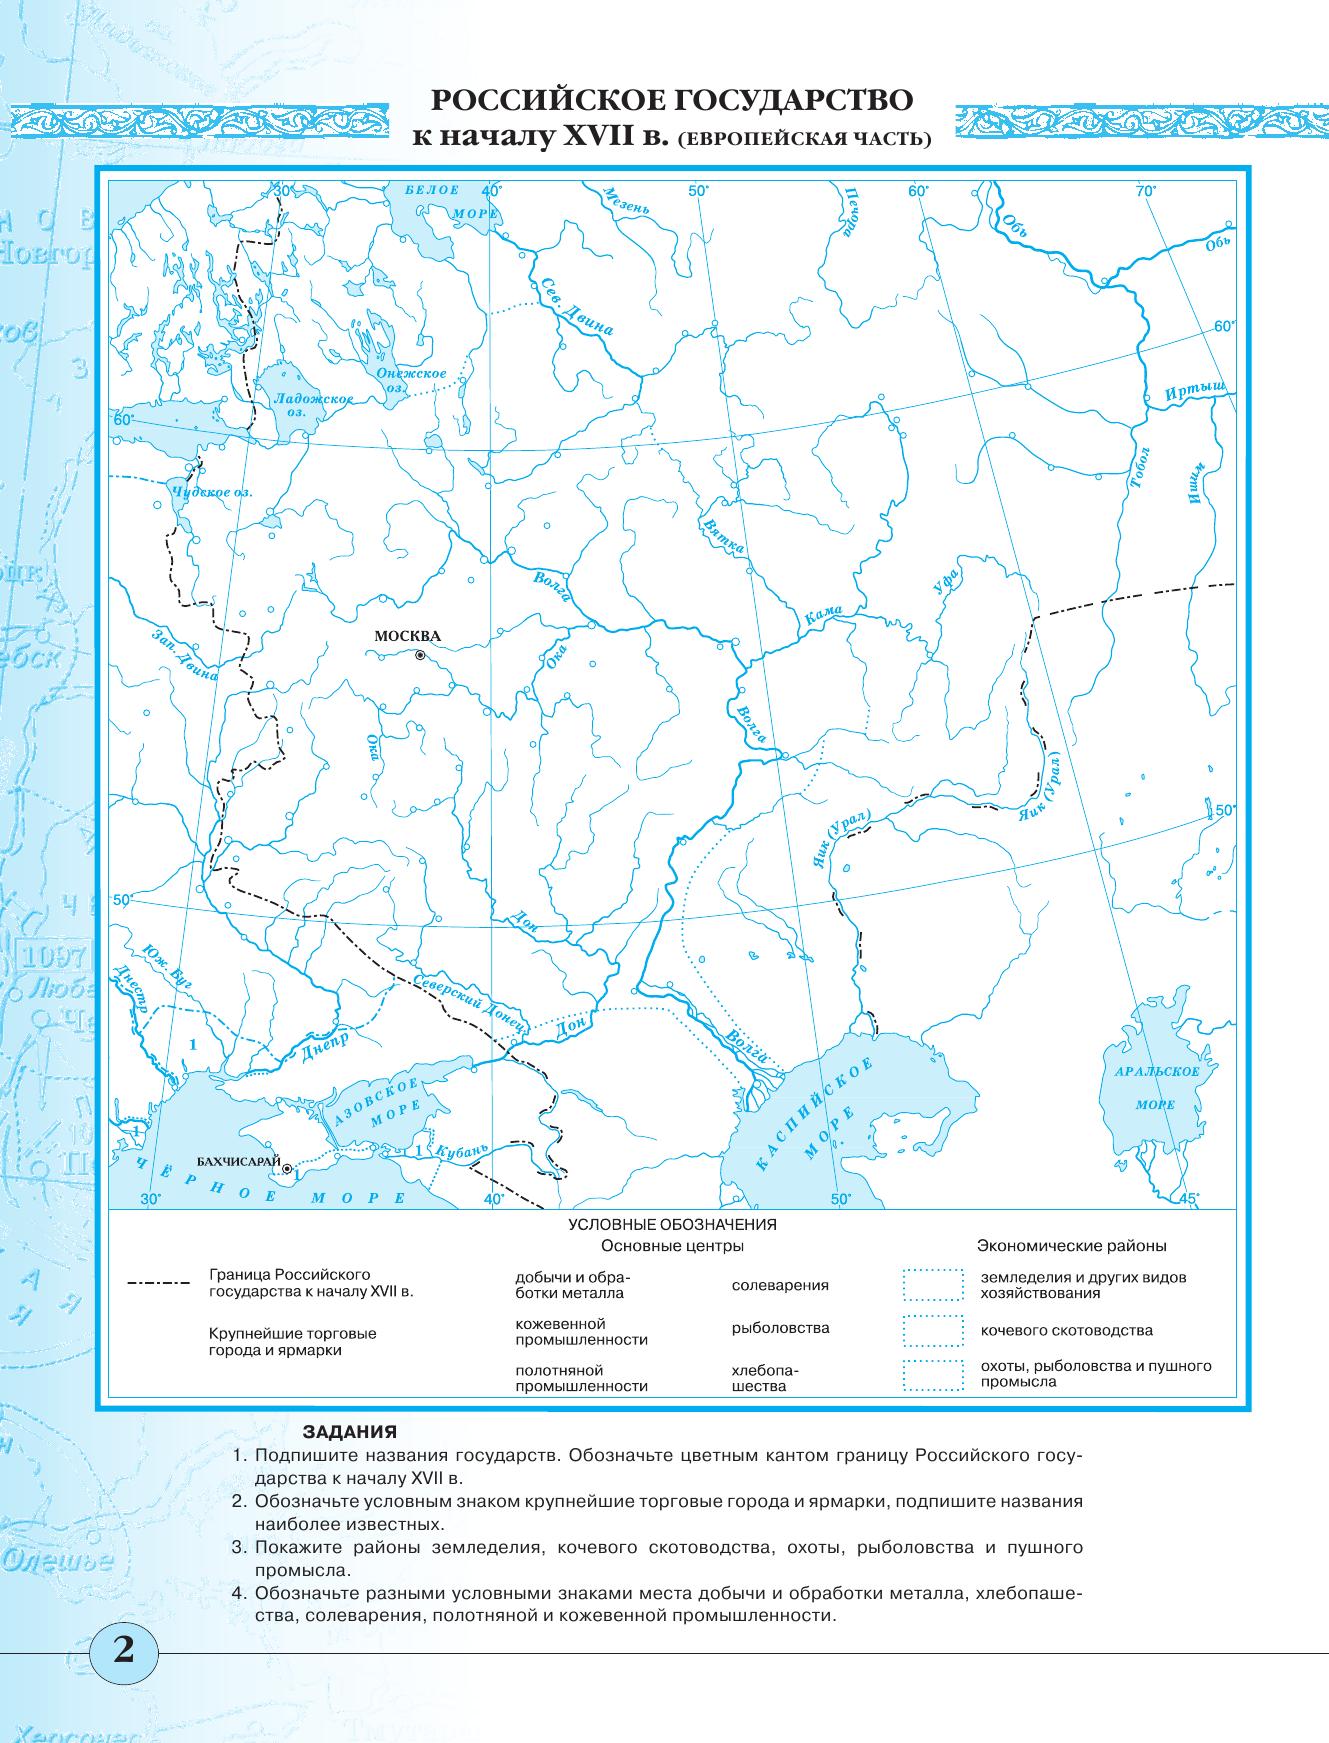 гдз контурные карты по истории 8 класс история россии конец 17-18 век гдз